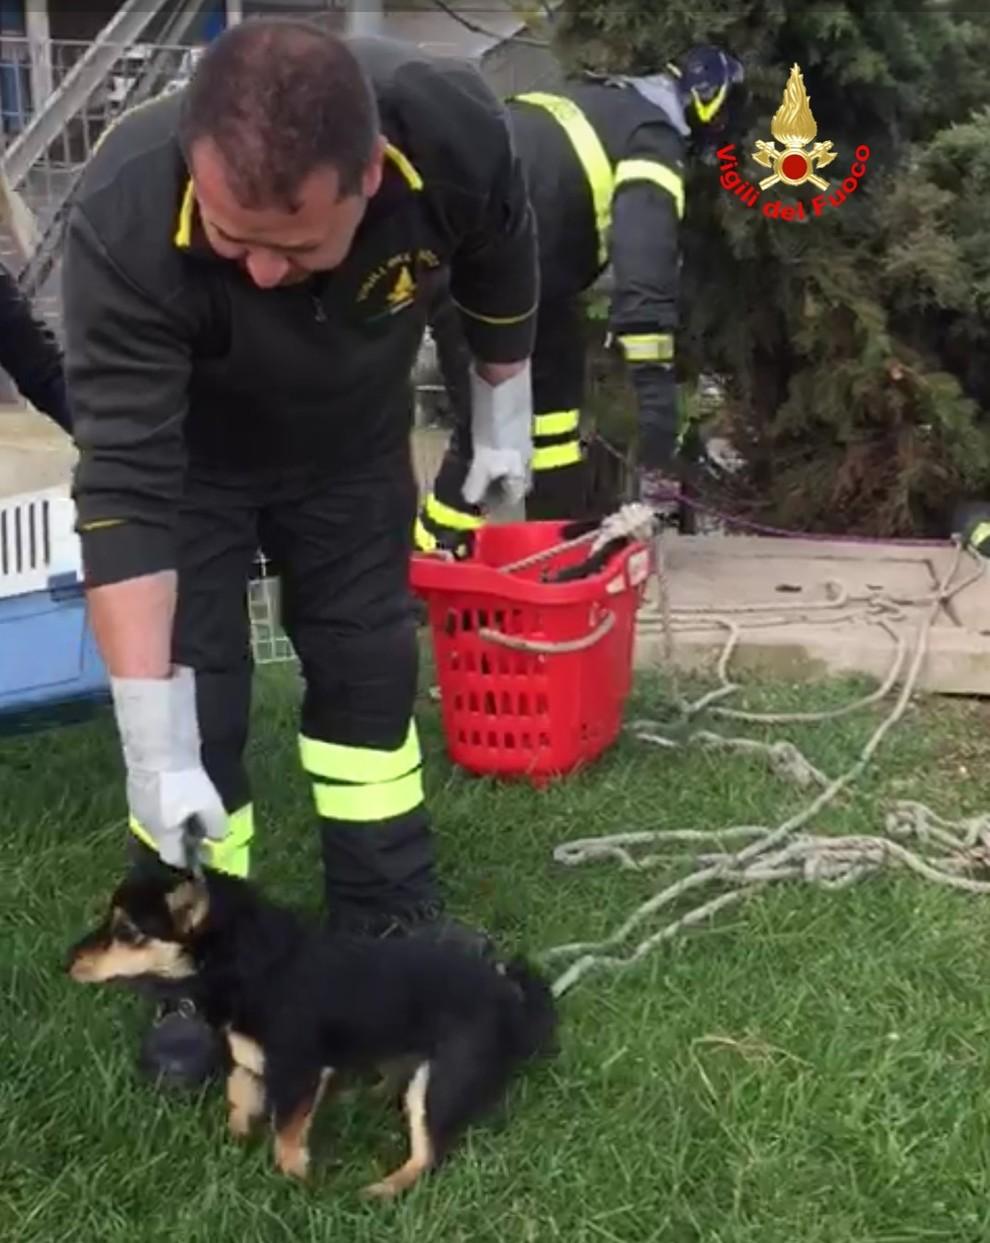 Cuccioli Di Cane Finiscono In Una Cavità Profonda 7 Metri Salvati